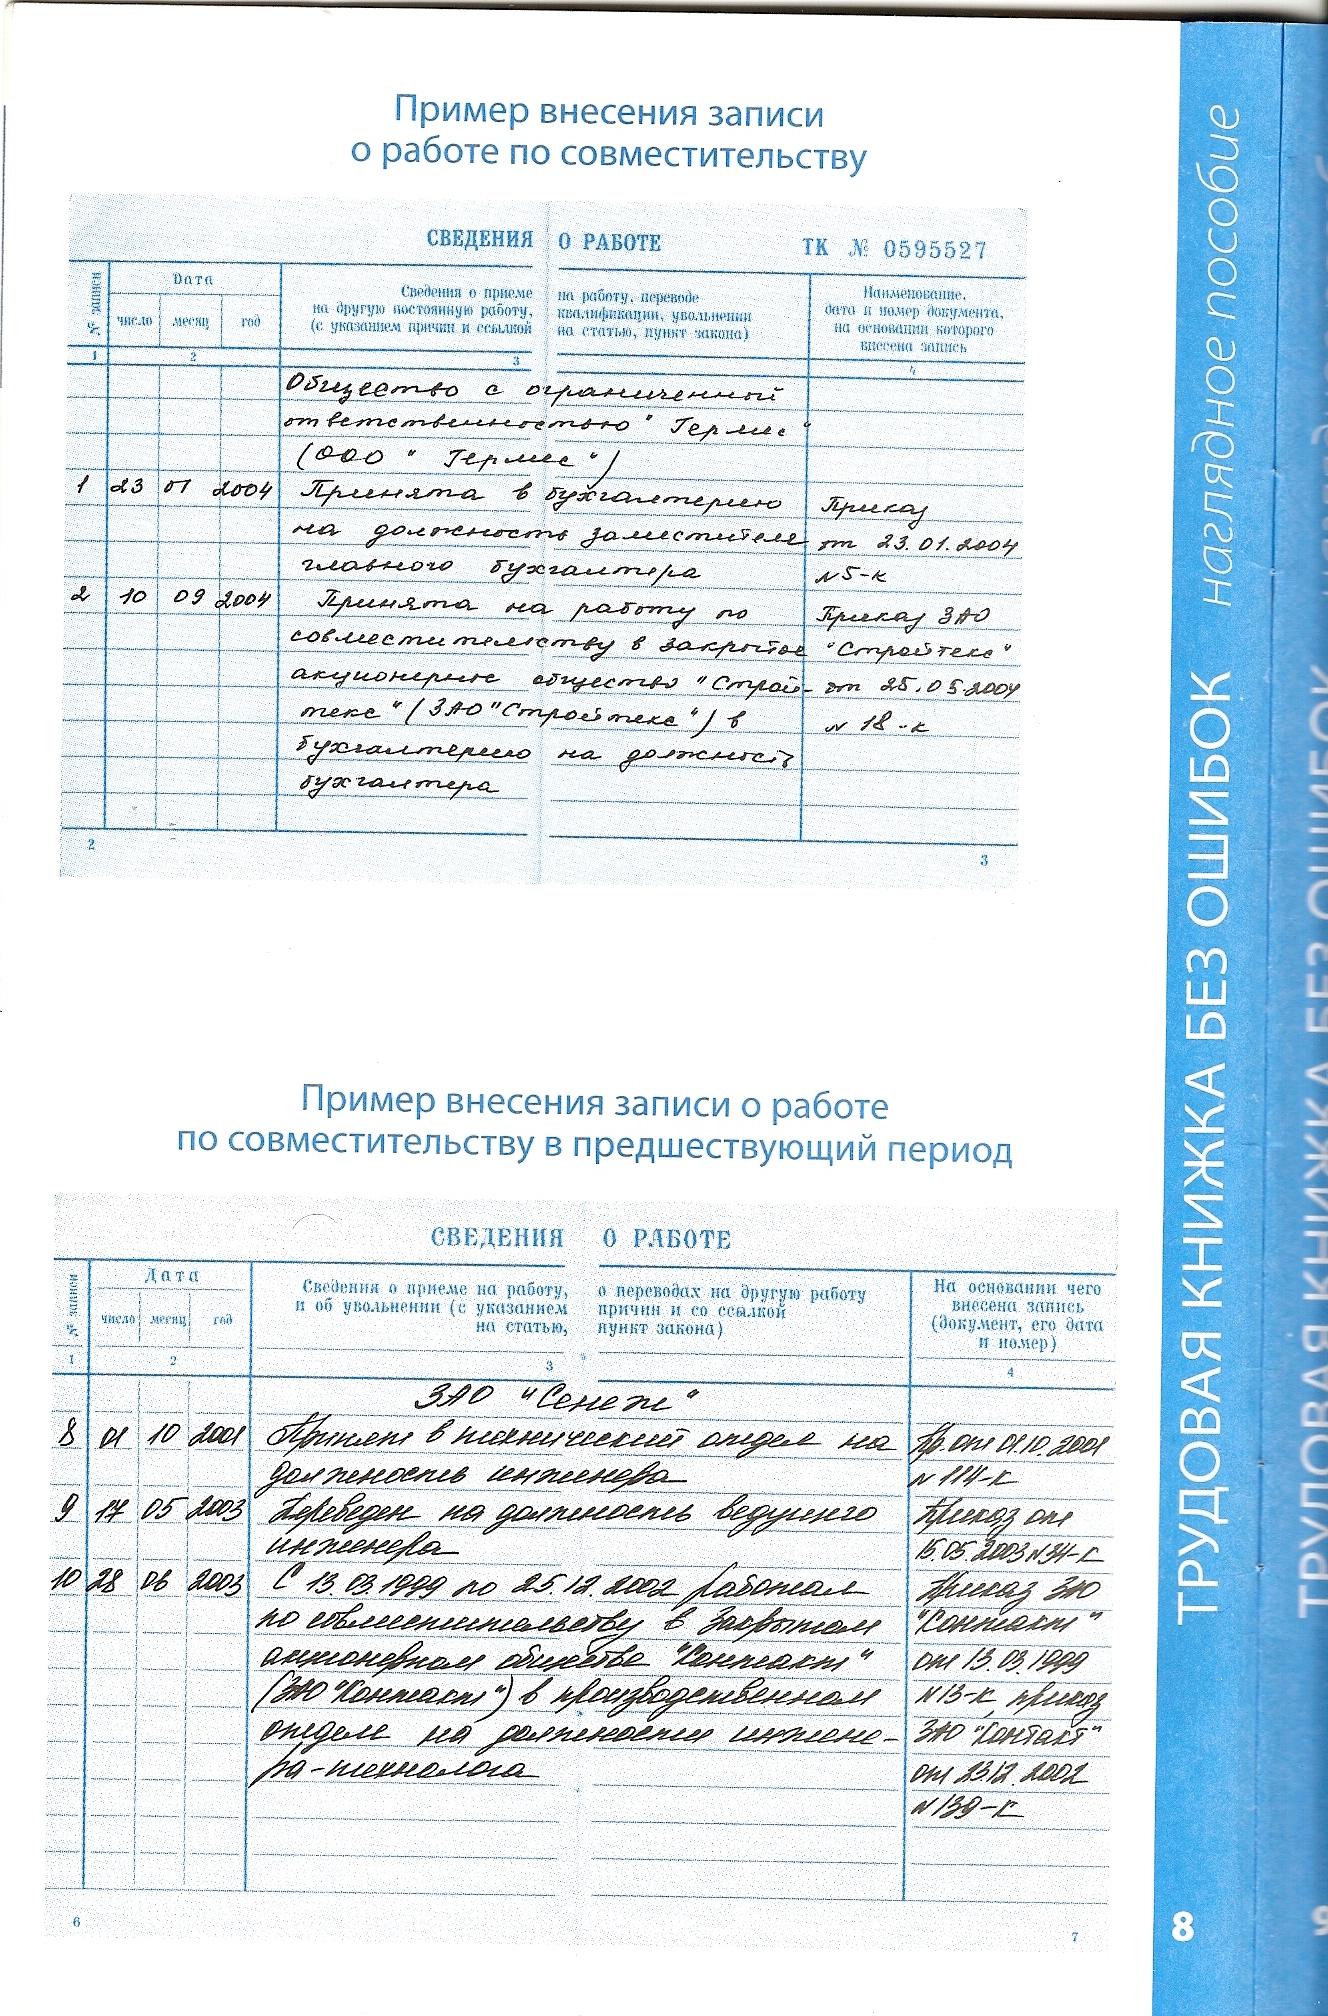 Заполнение трудовой книжки при приеме, переводе 83